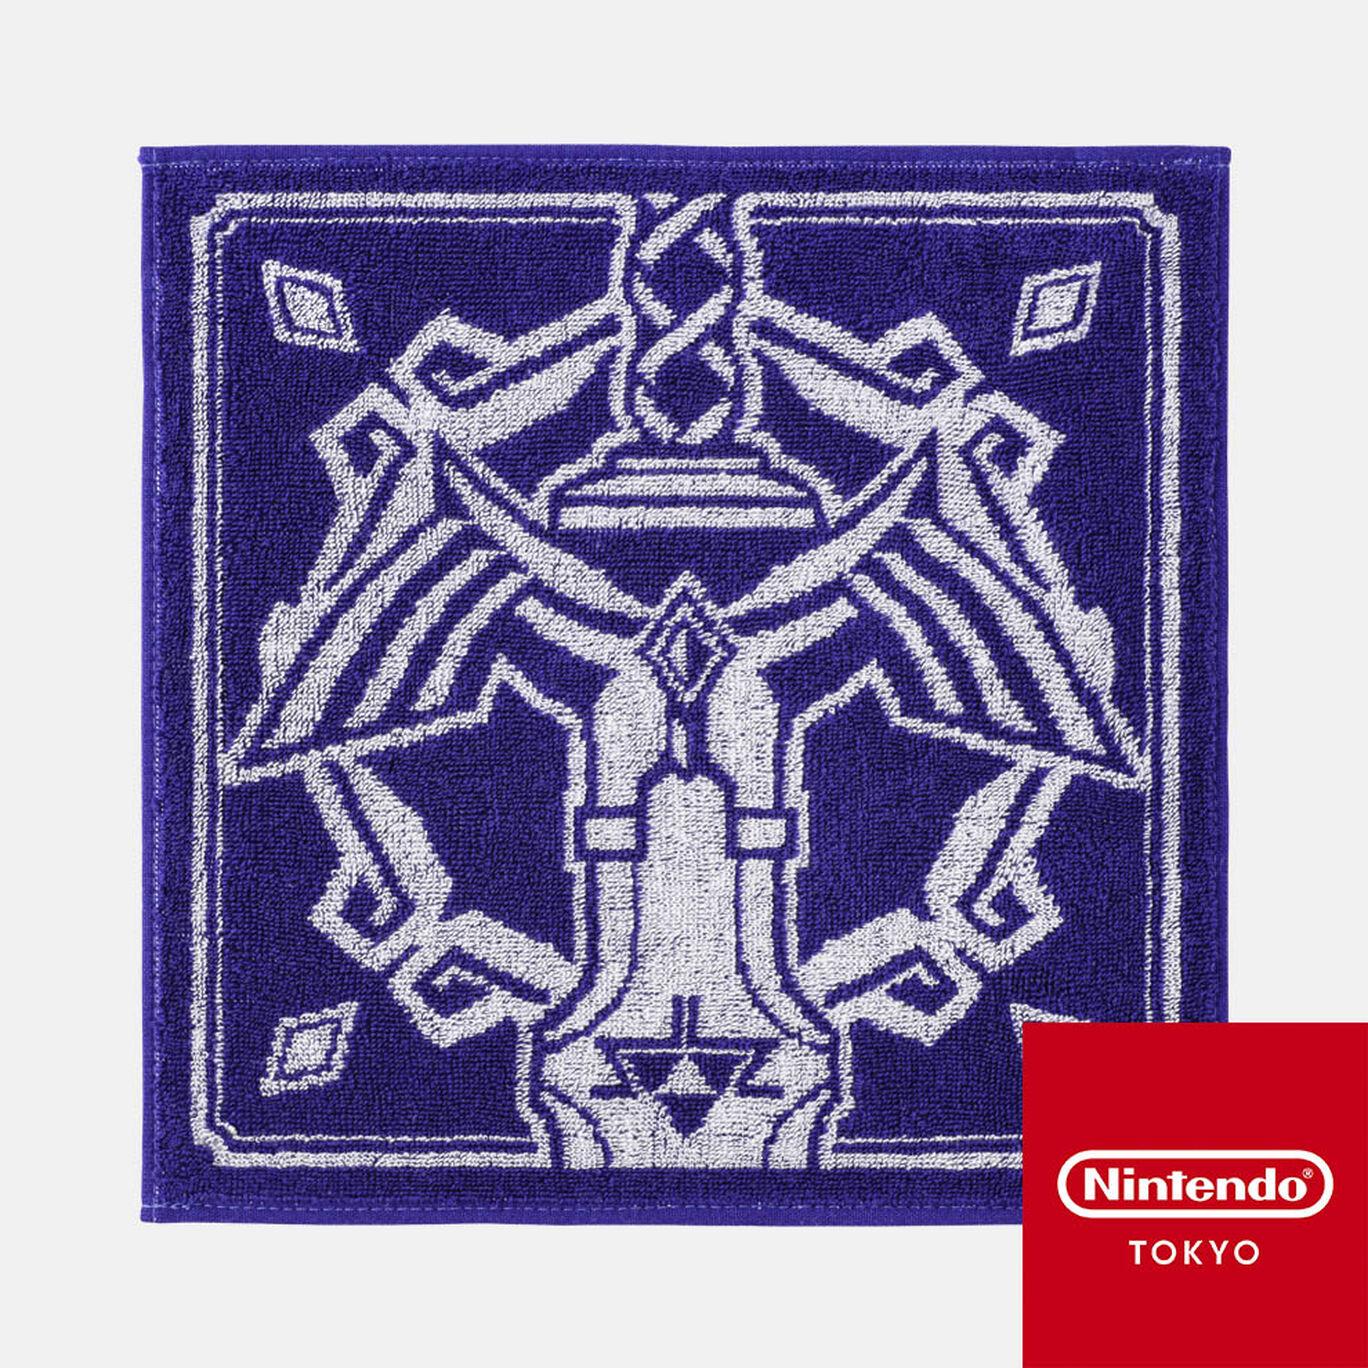 ハンドタオル 真のマスターソード ゼルダの伝説 スカイウォードソード HD【Nintendo TOKYO取り扱い商品】